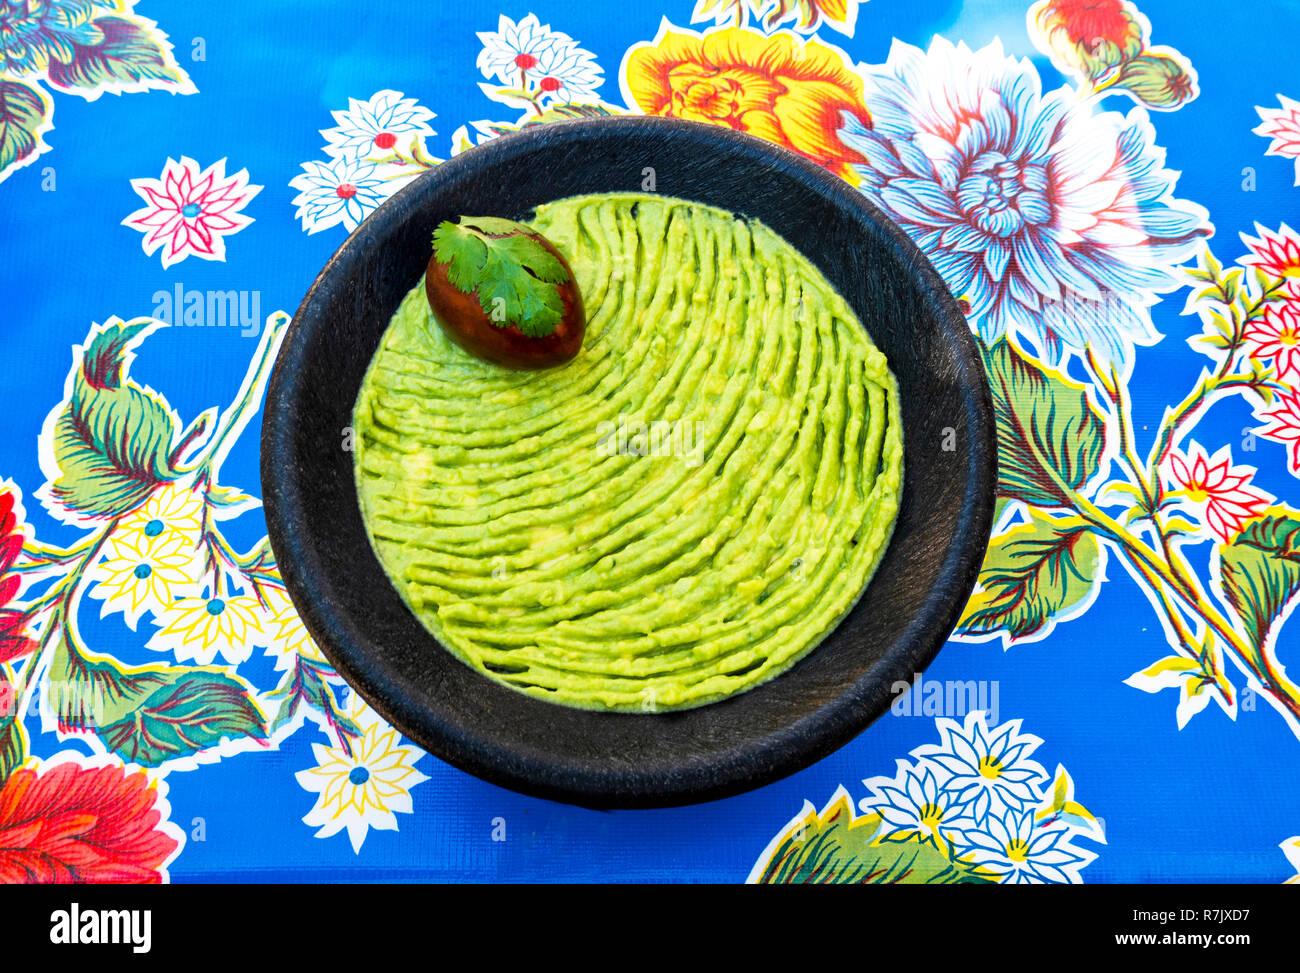 El guacamole en un recipiente de madera sobre una cubierta de mesa florido Imagen De Stock